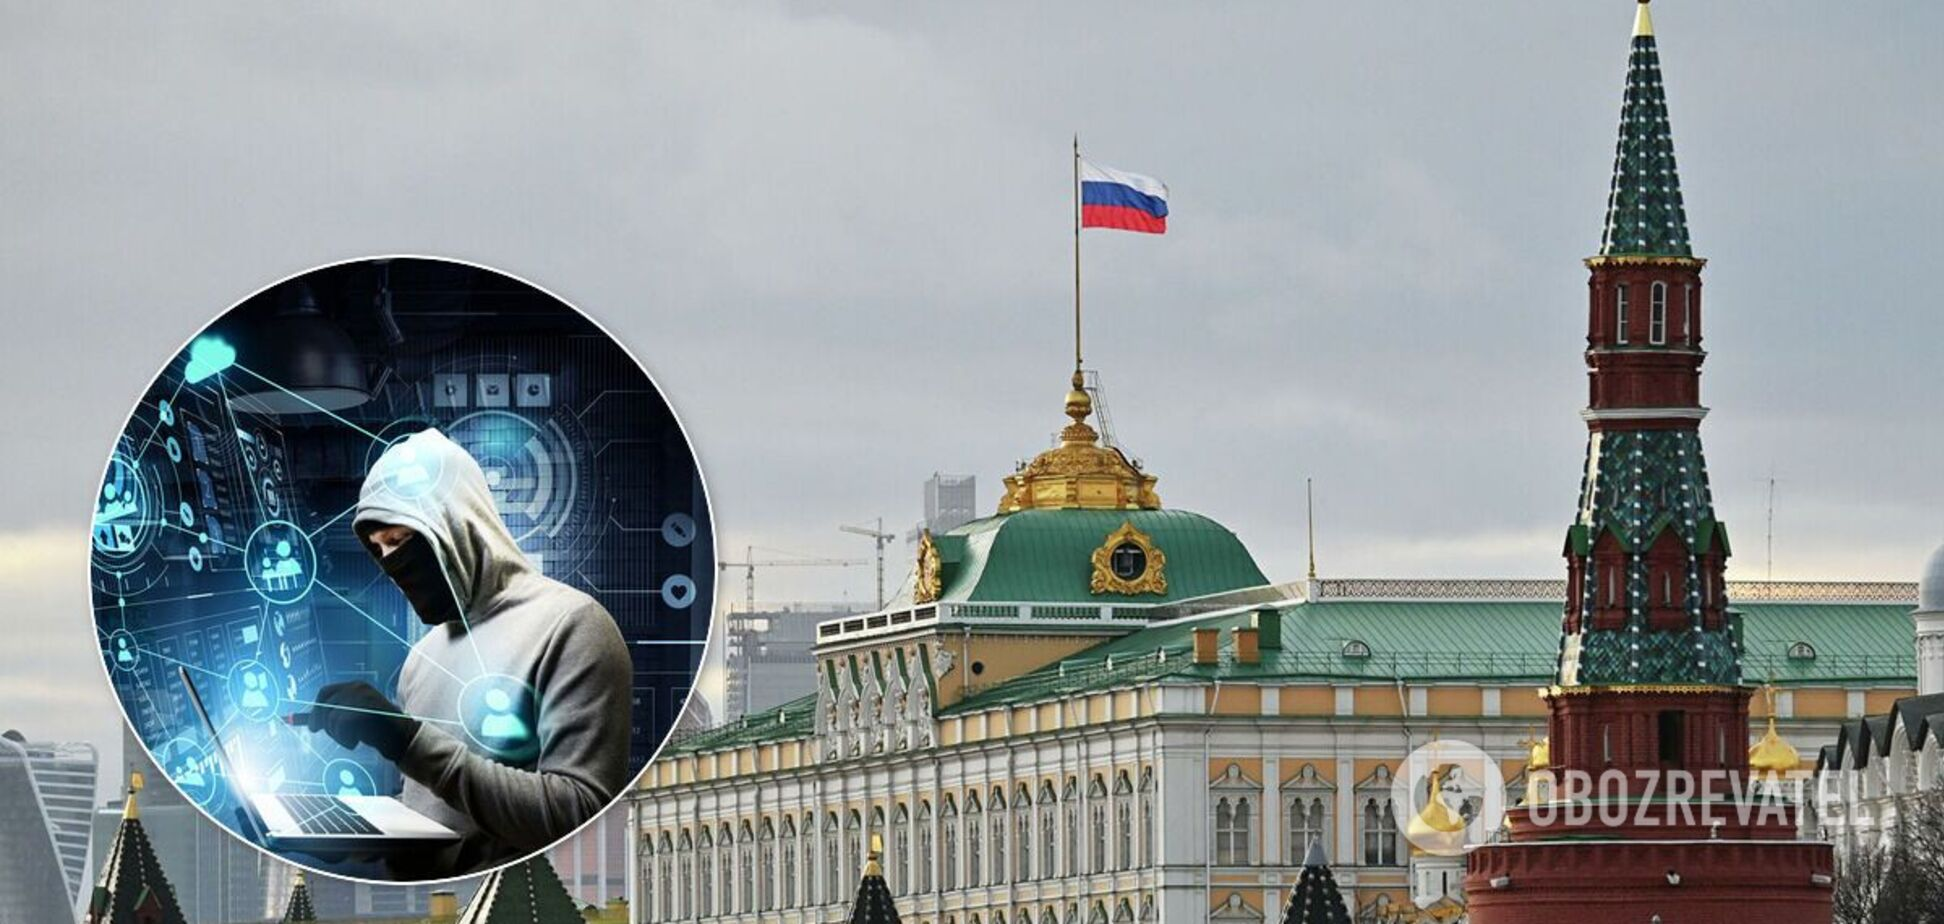 Посол США обвинил российских чиновников в причастности к кибератакам